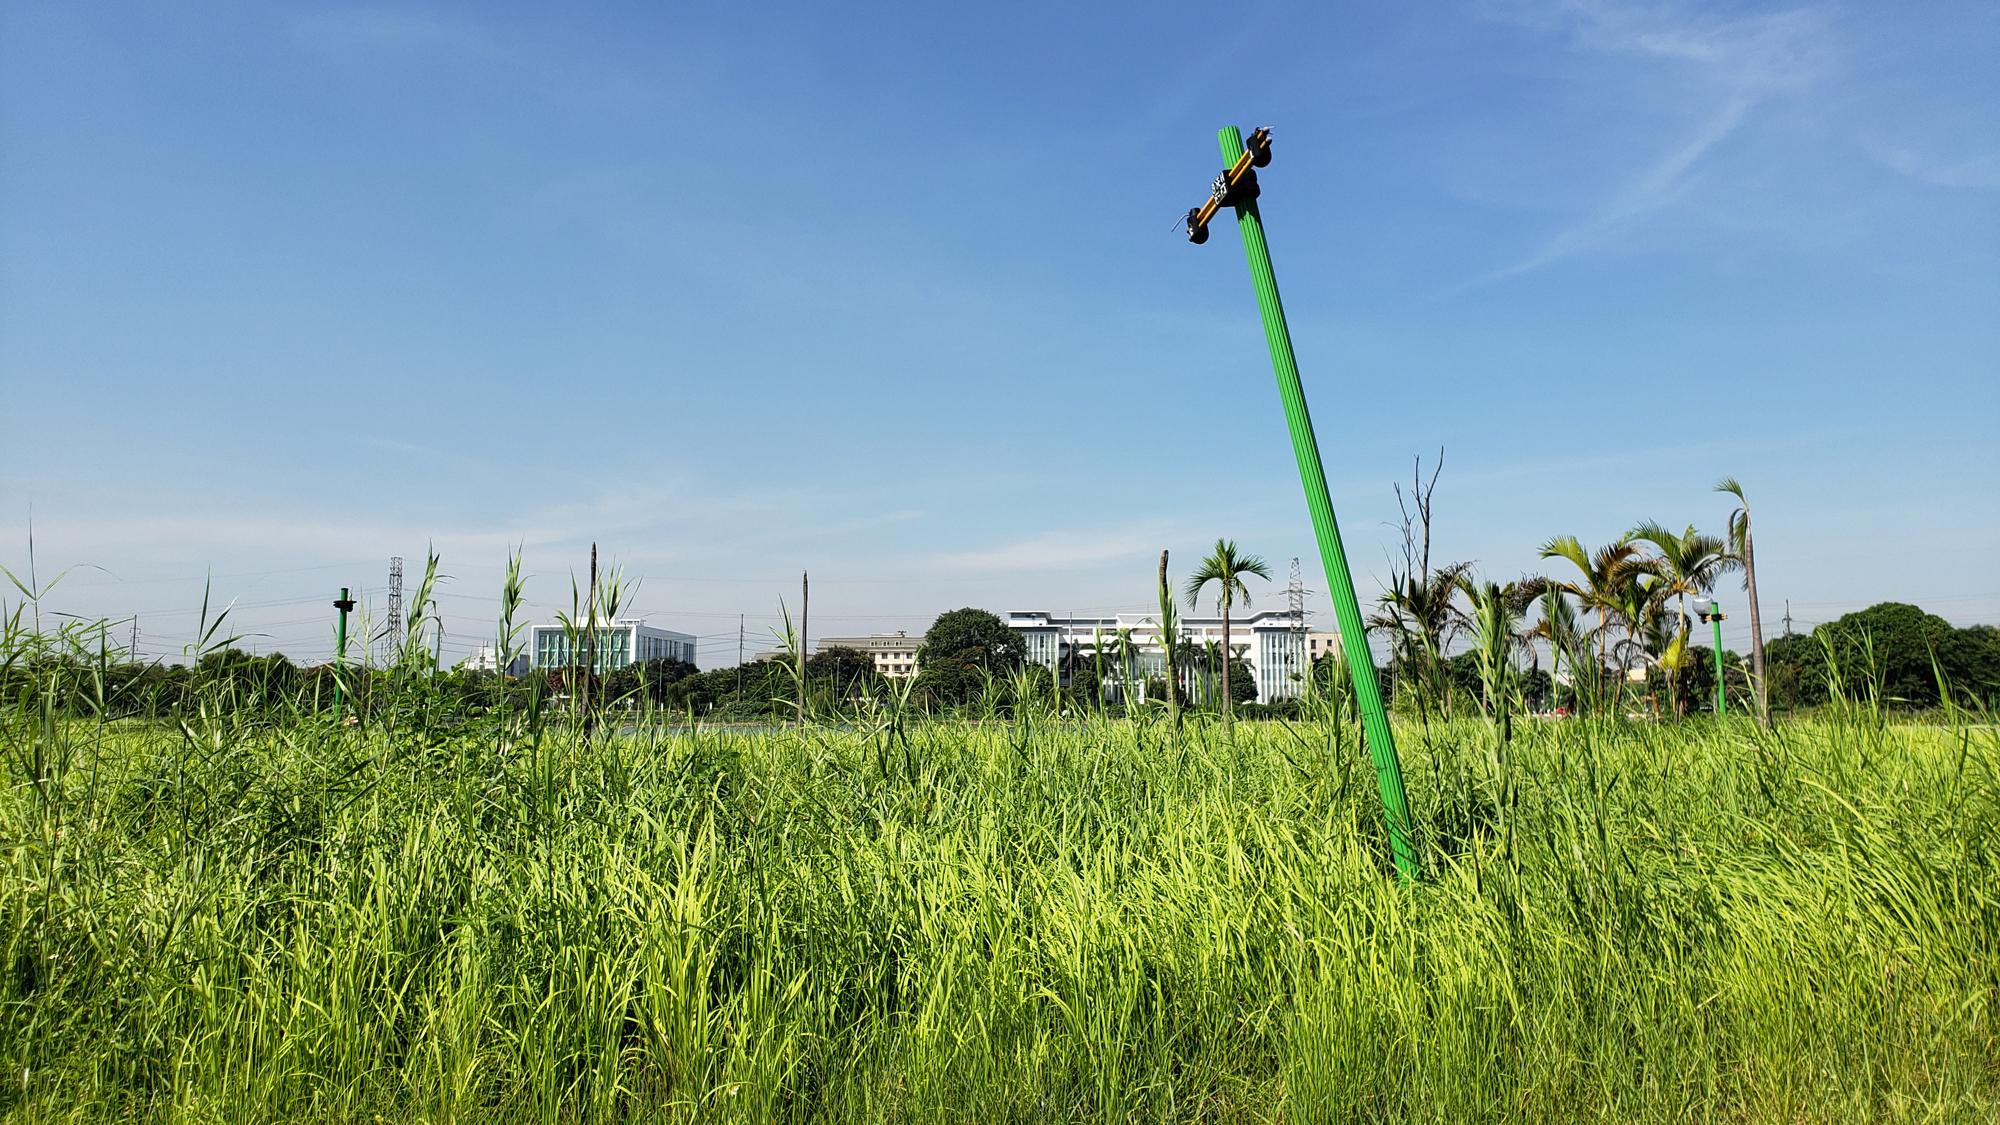 Chờ dự án cải tạo, công viên CV-02 Khu đô thị mới Việt Hưng như cánh đồng hoang - Ảnh 15.